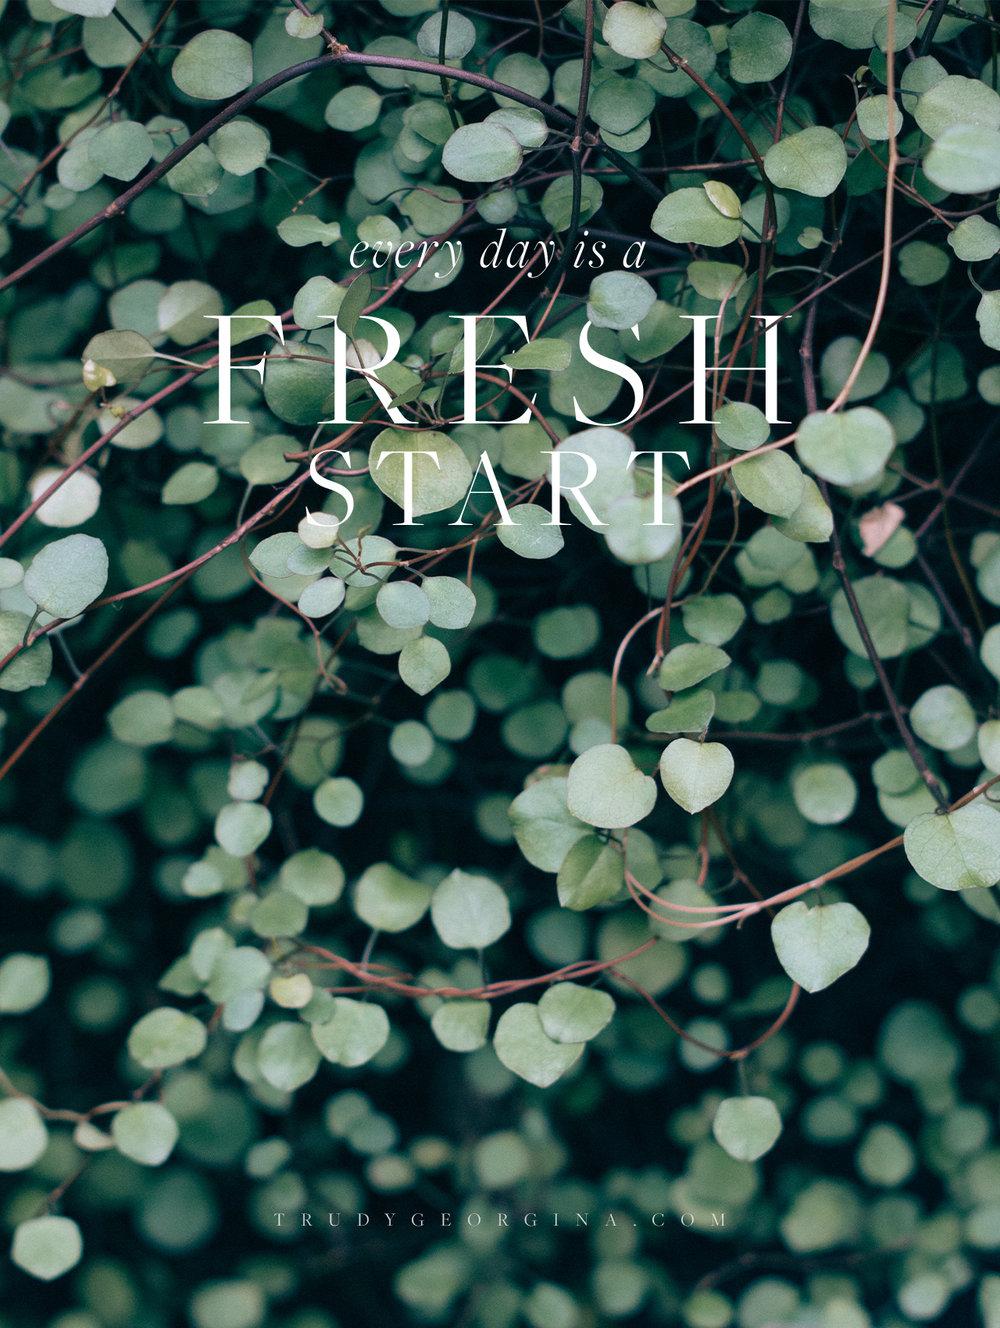 Starting fresh | trudygeorgina.com